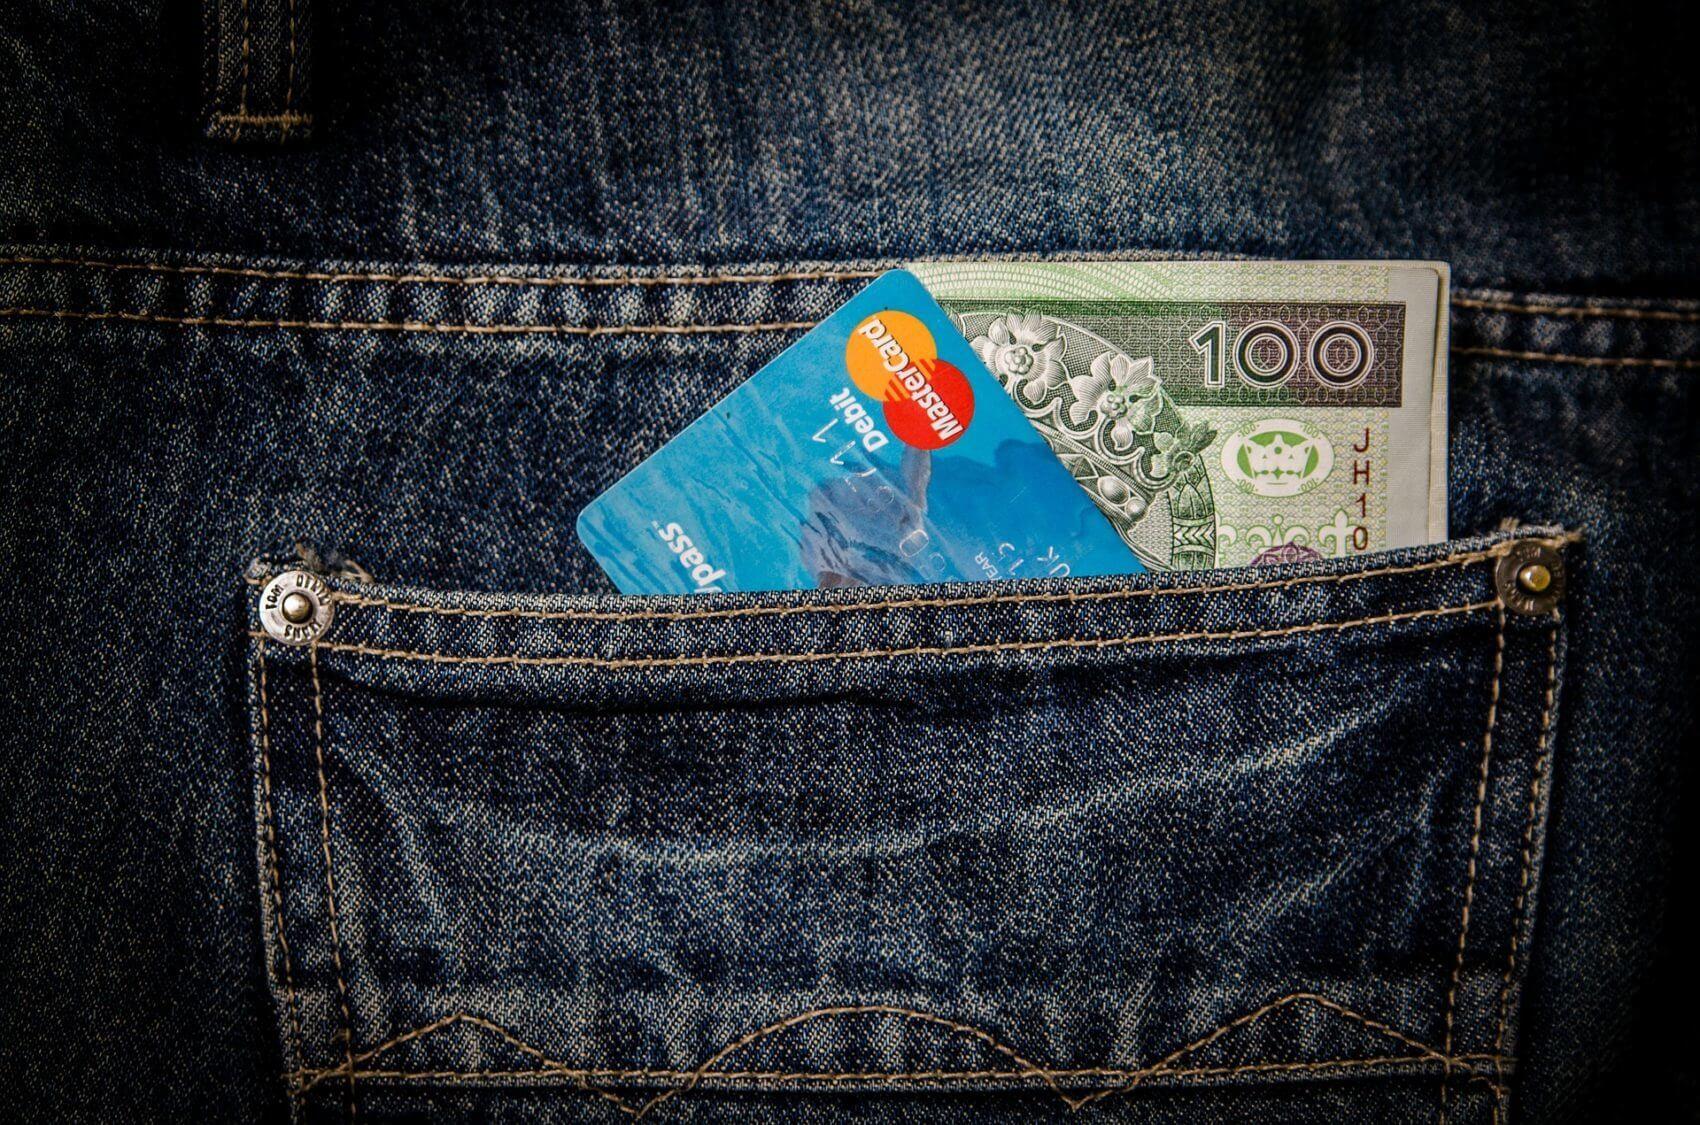 Skradziony portfel w podróży? Darmowe ubezpieczenie